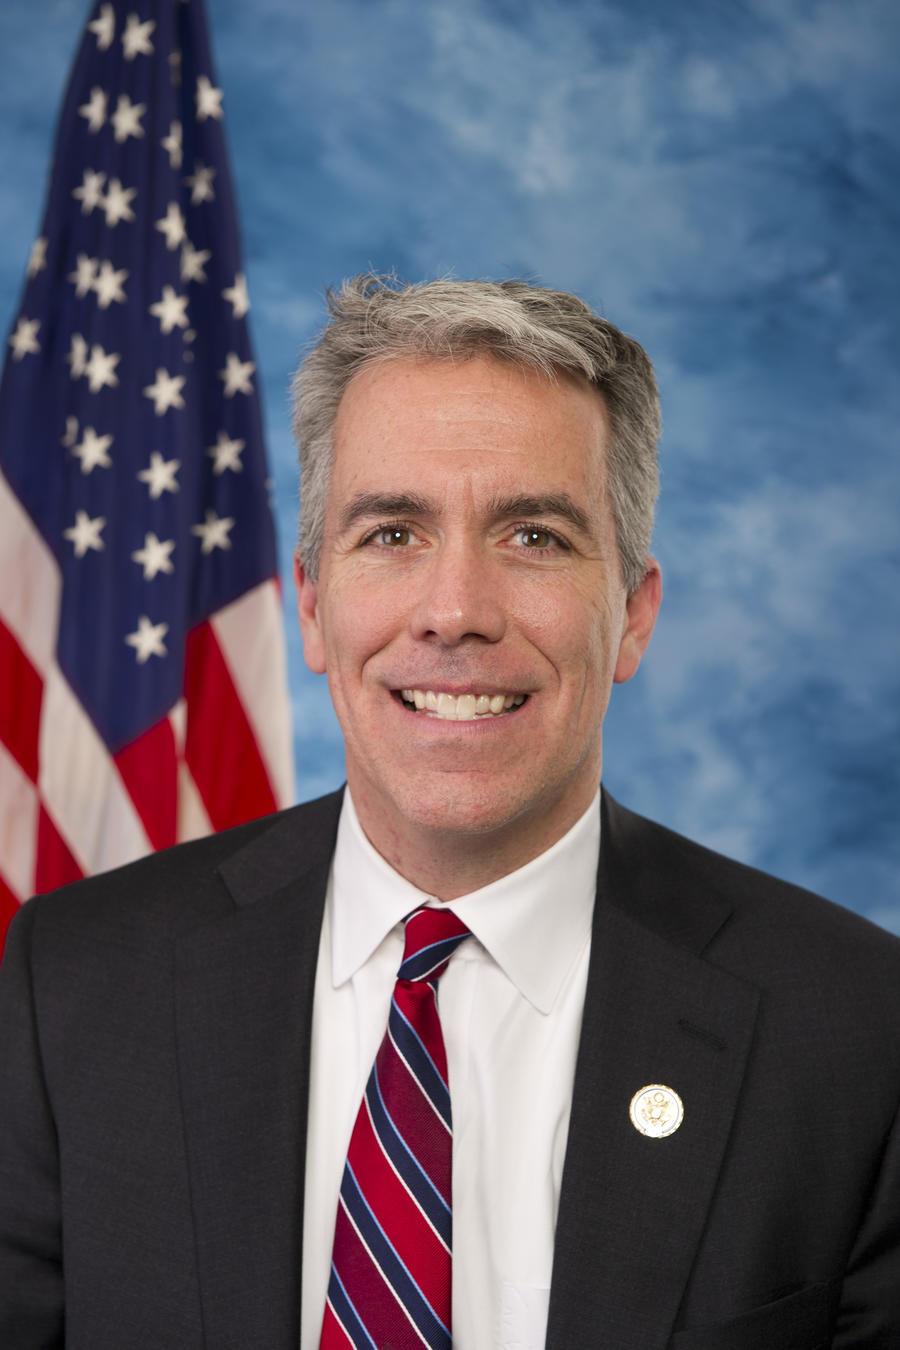 El excongresista republicano Joe Walsh